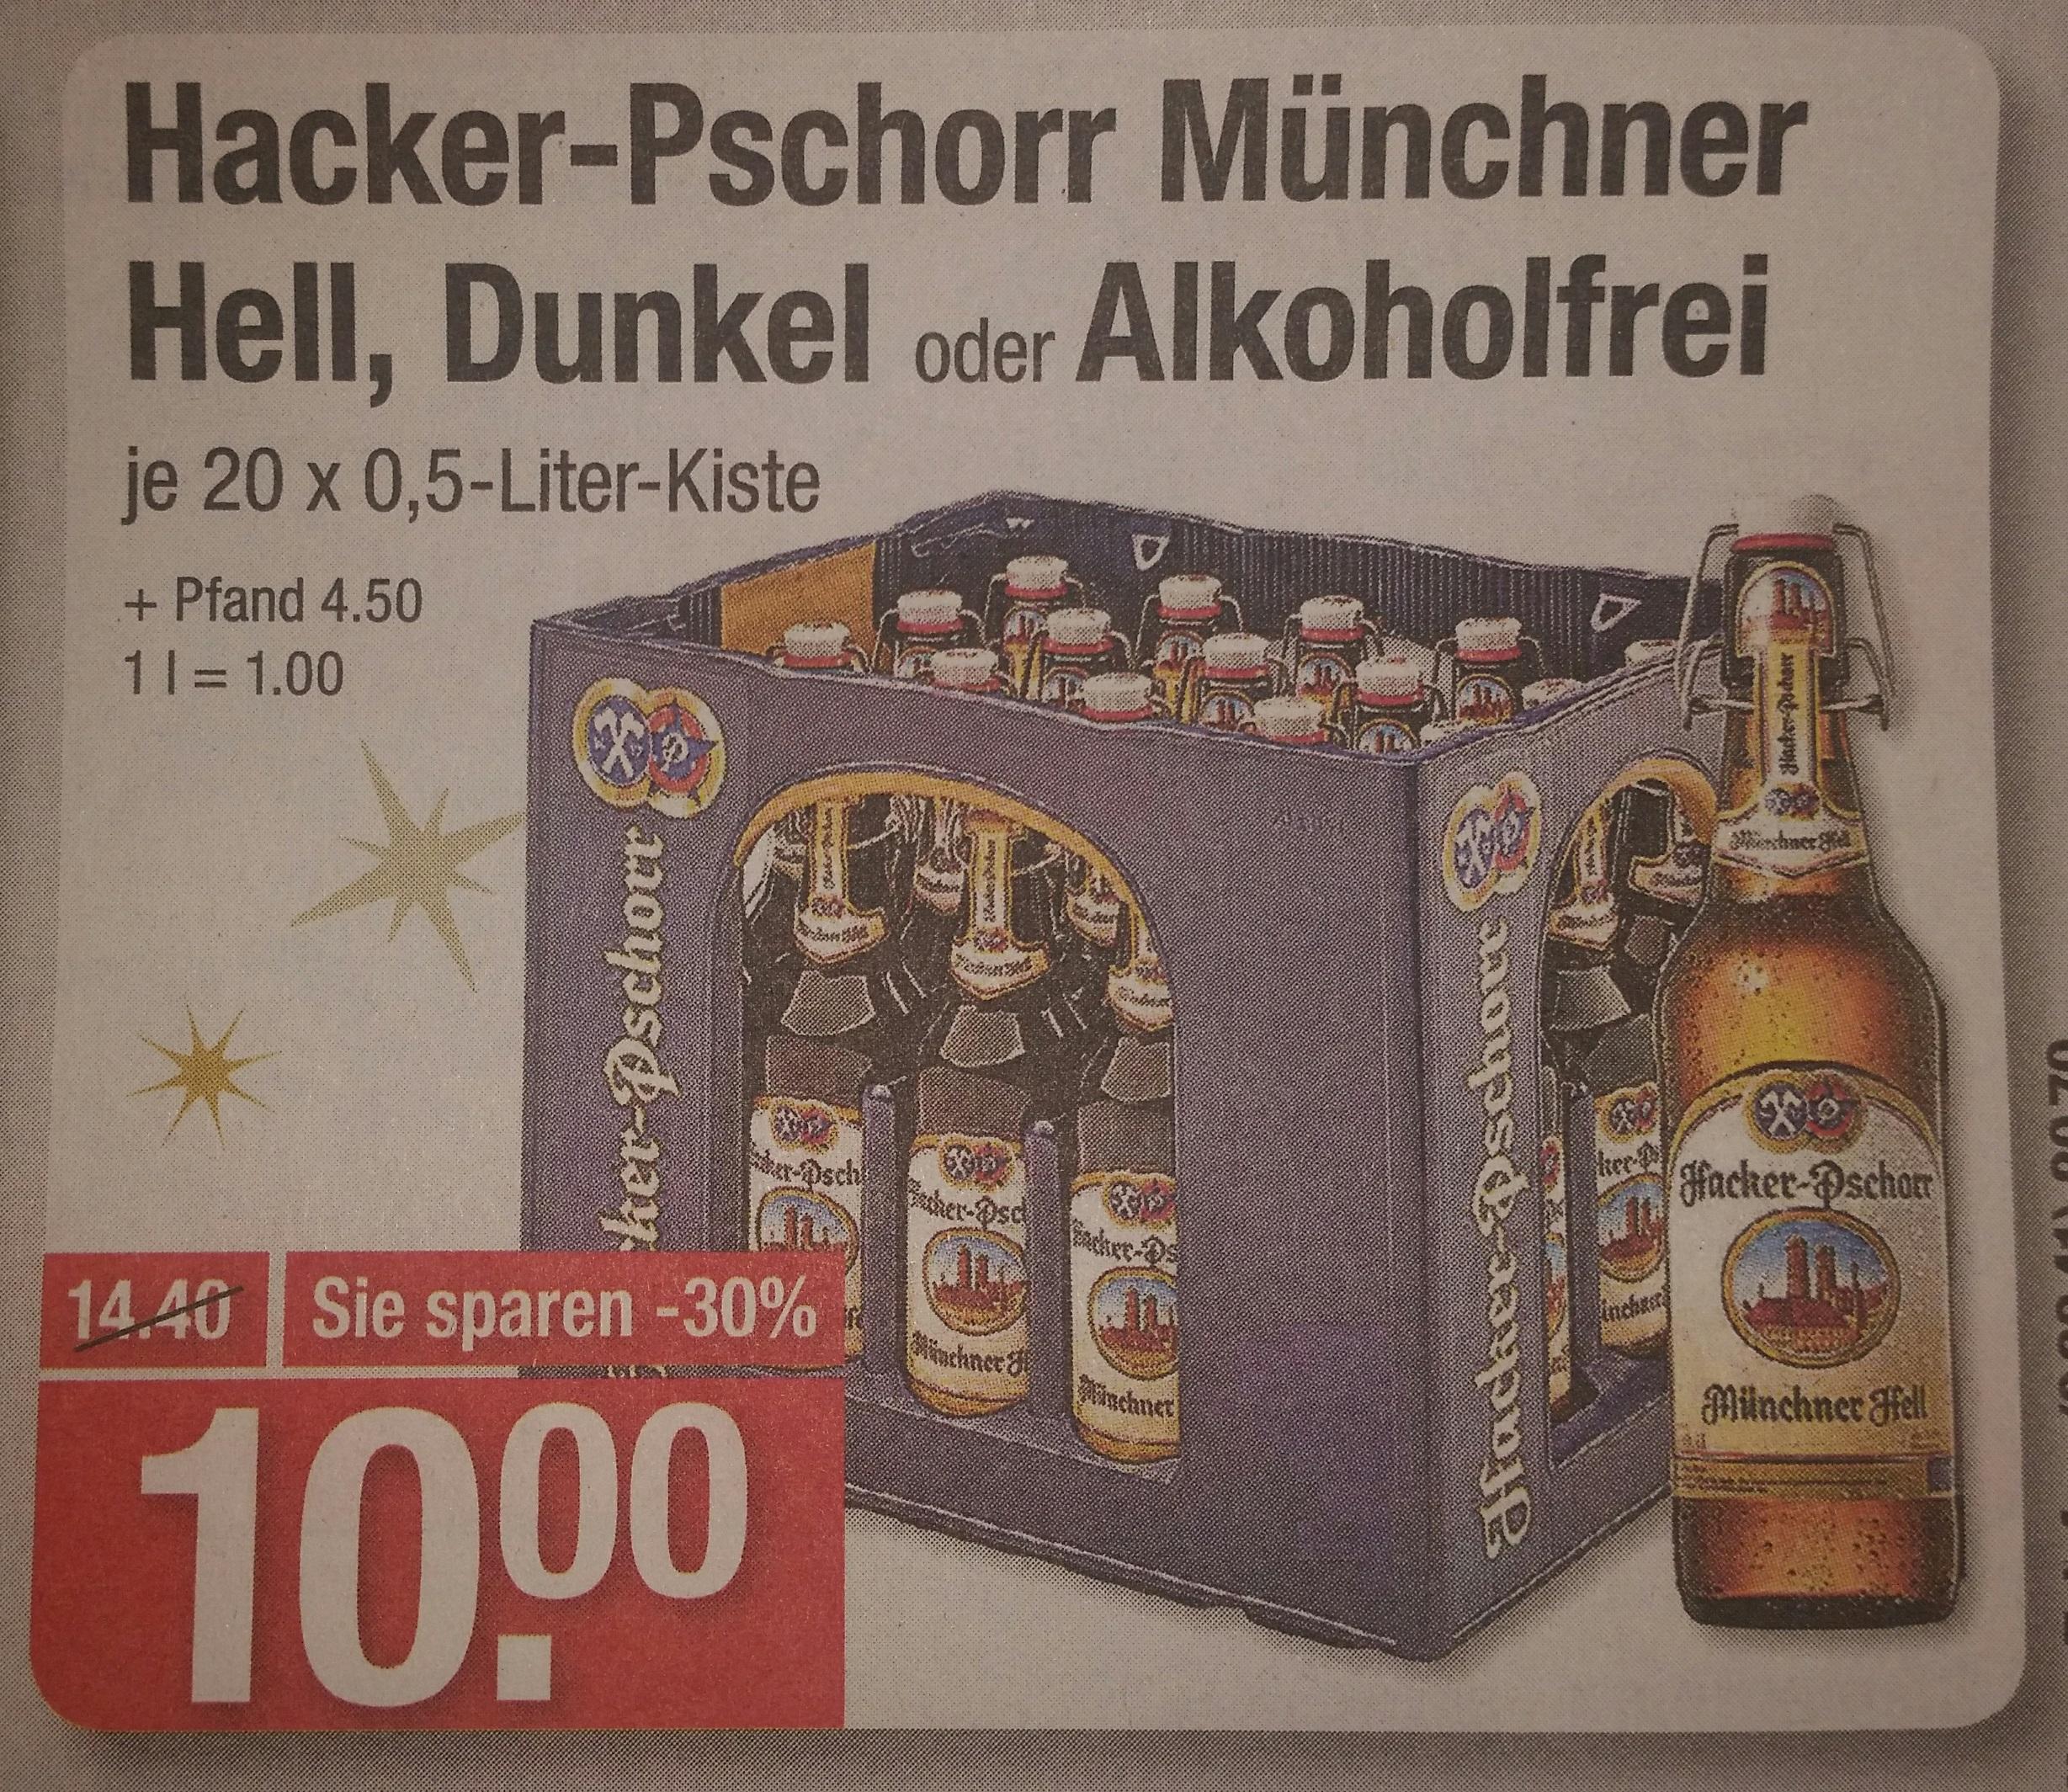 [V-Markt] Hacker-Pschorr Münchner Hell, Dunkel oder alkoholfrei